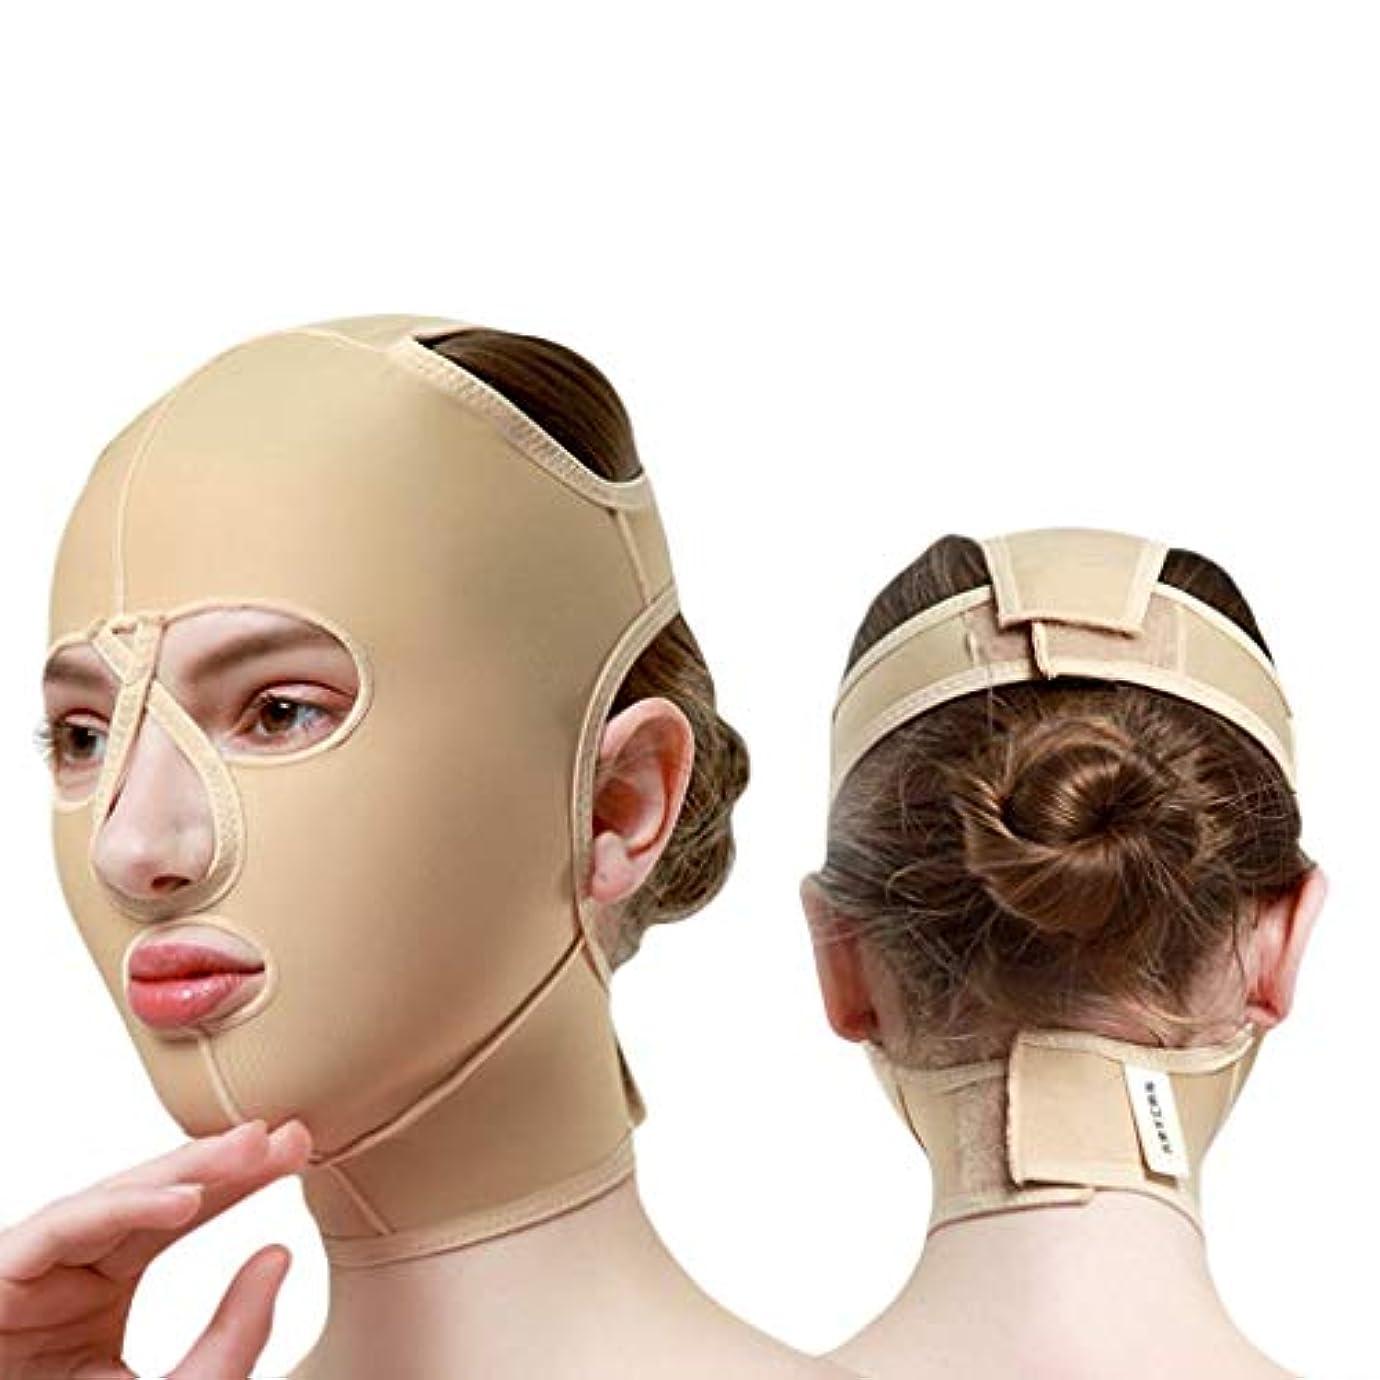 層ショット冒険者チンストラップ、顔彫りツール、リフティングマスク、ダブルチンリデューサー、フェイスリフティングエラスティックマスクメス(サイズ:M),XL